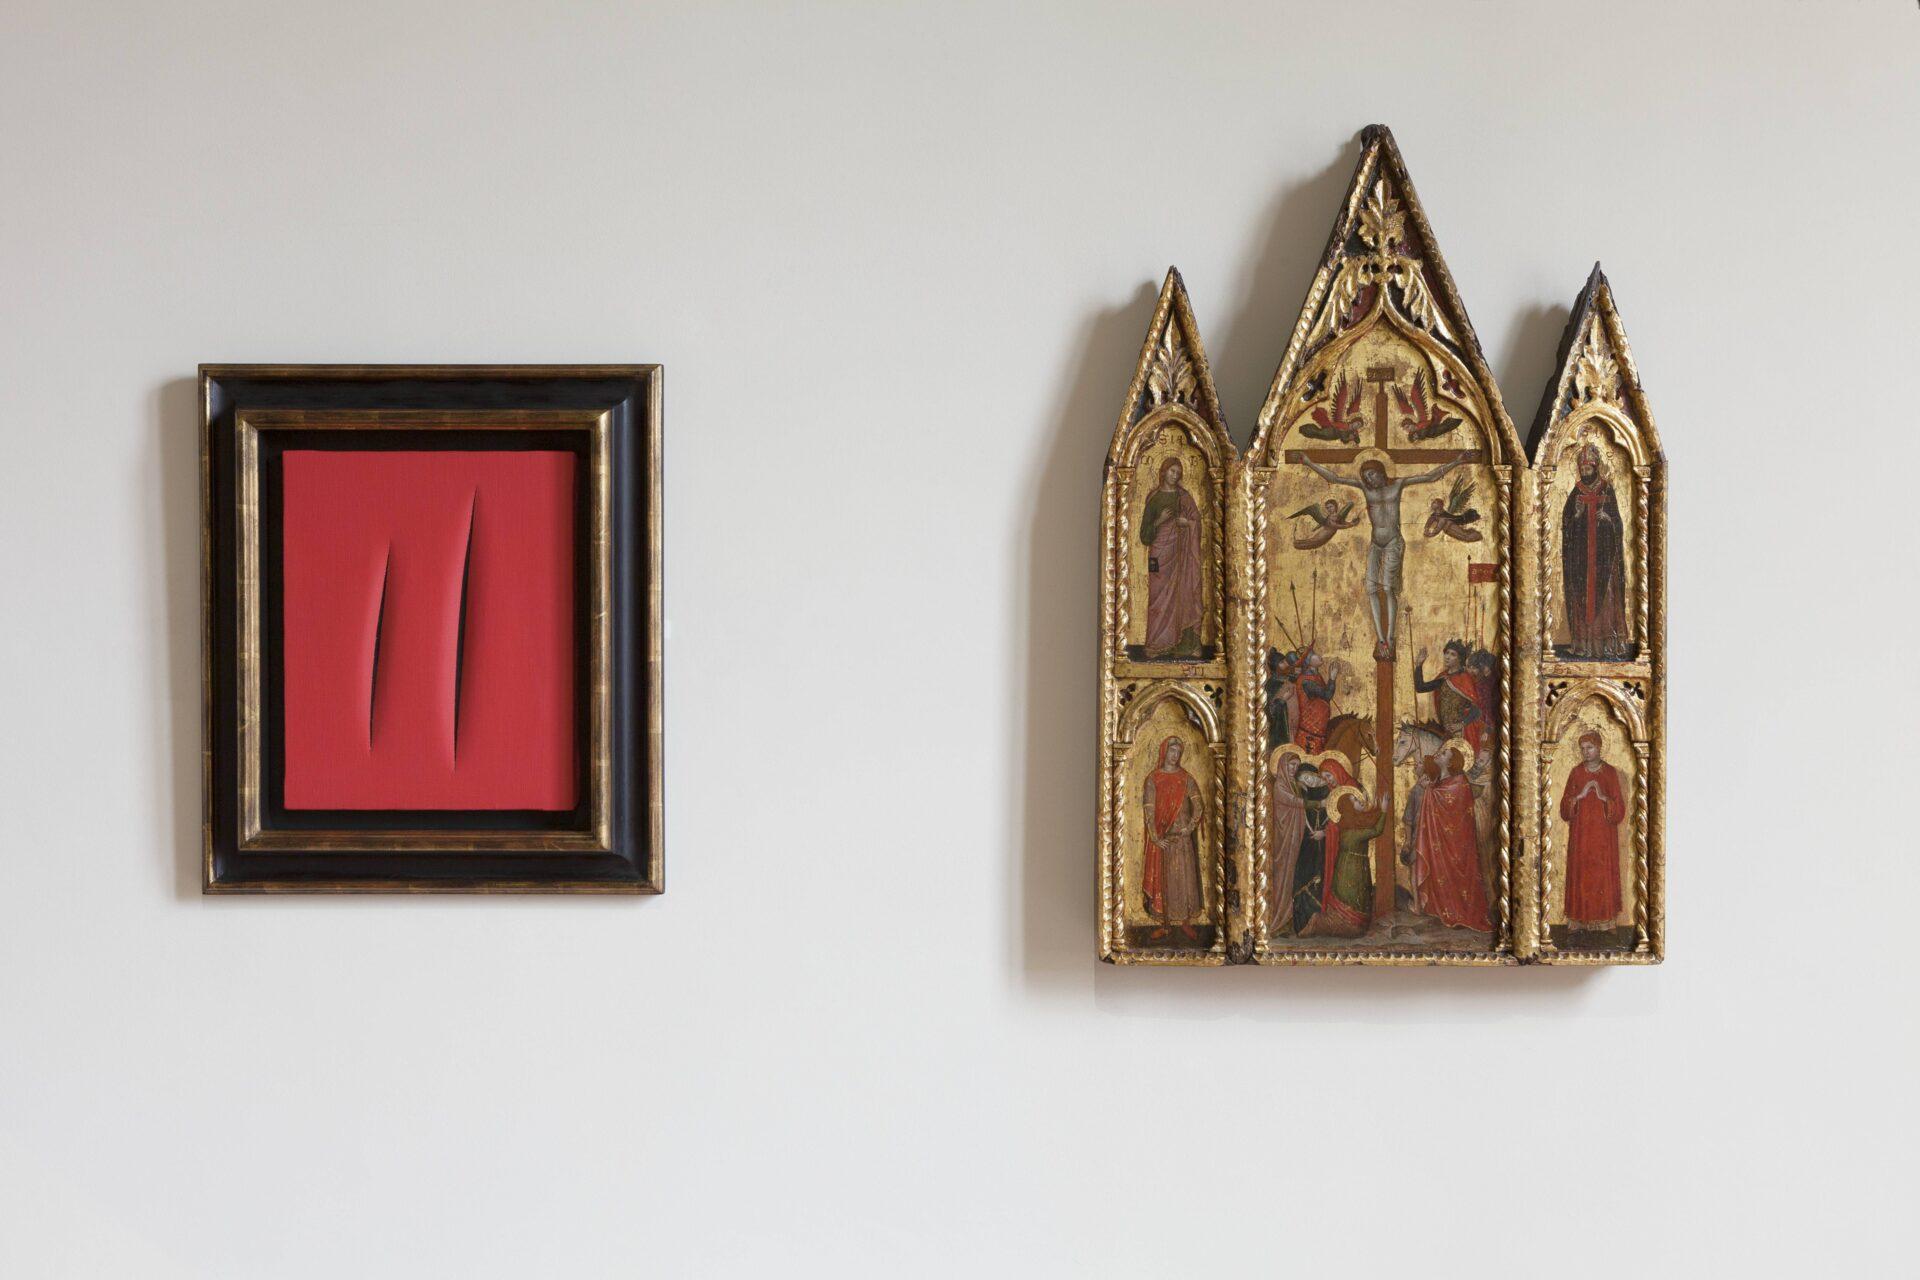 A sinistra, Lucio Fontana, Concetto spaziale. Attese, 1964 – 1965. A destra, Trittico Crocifissione: San Giacomo e San Rustico (a sinistra); Sant'Agostina e San Lorenzo (a destra); Motivi Floreali e stelle (al retro), Secondo Maestro di San Zeno.